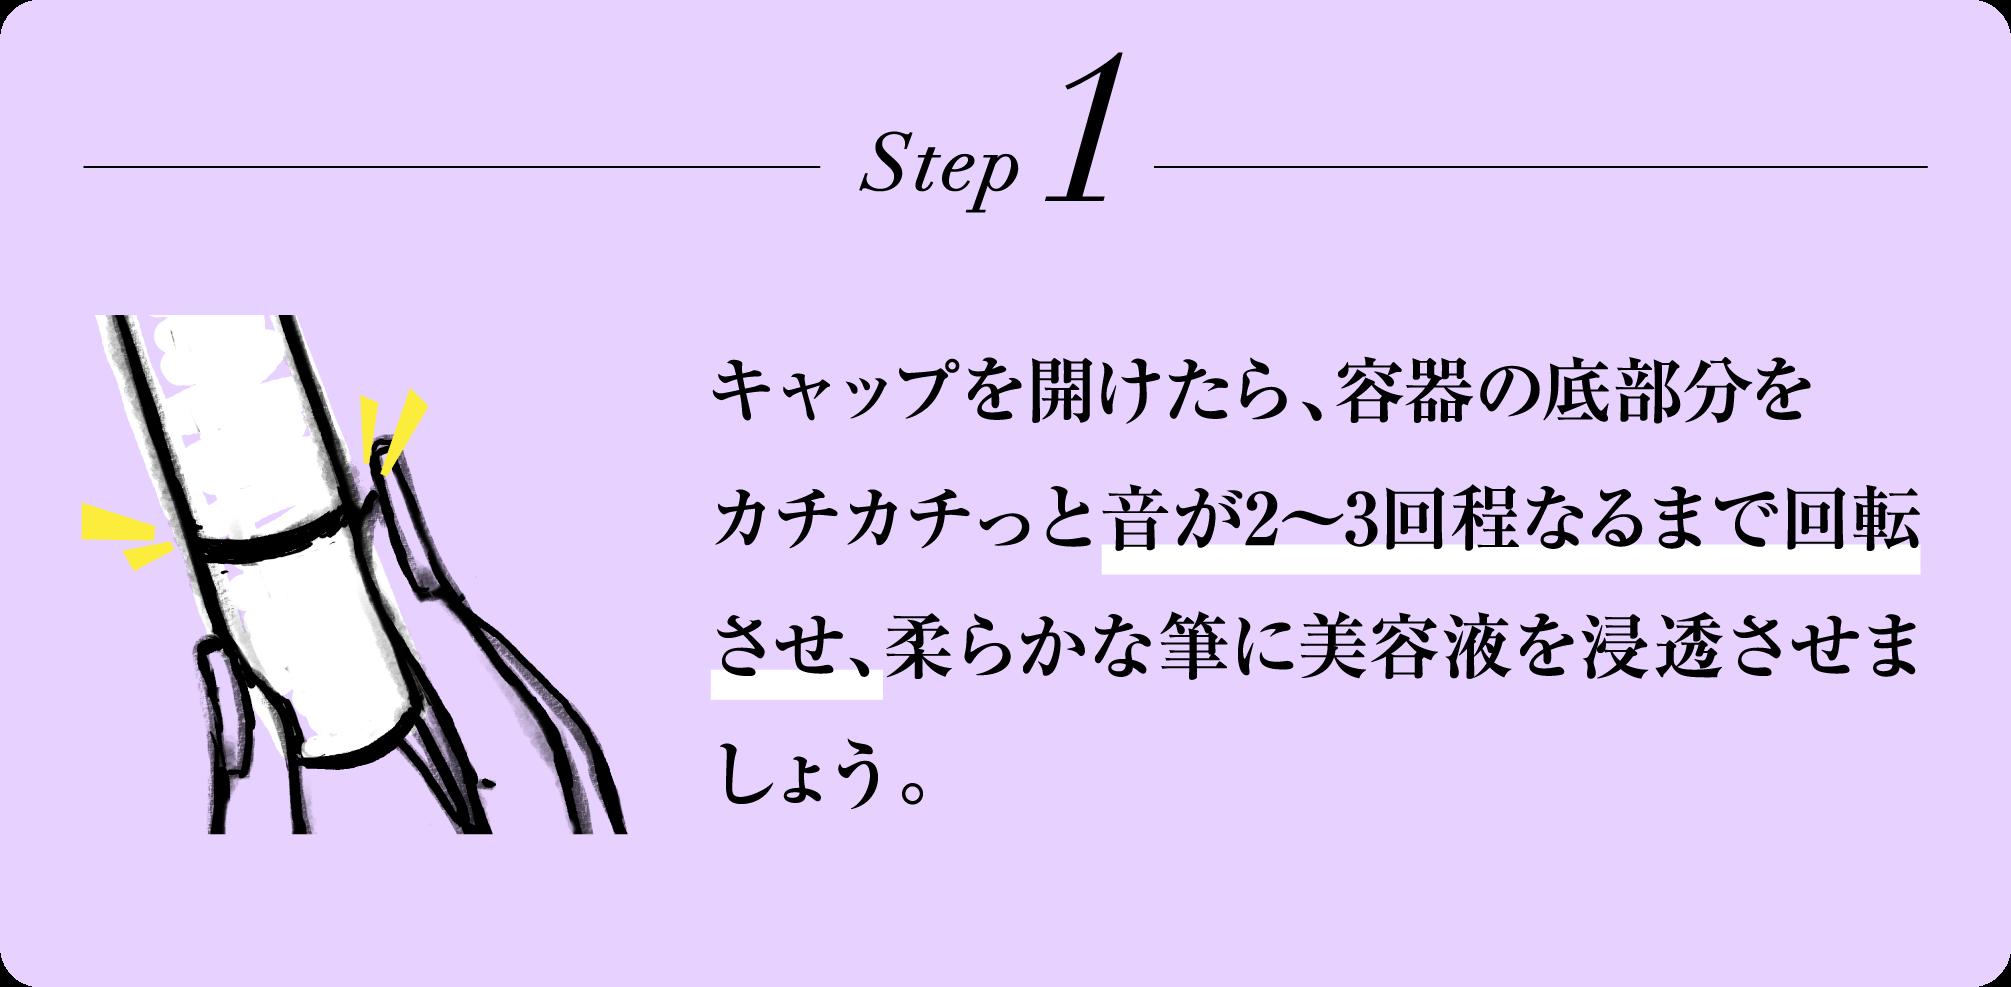 Step1 キャップを開けたら、容器の底部分をカチカチっと音が2〜3回程なるまで回転させ、柔らかな筆に美容液を浸透させましょう。